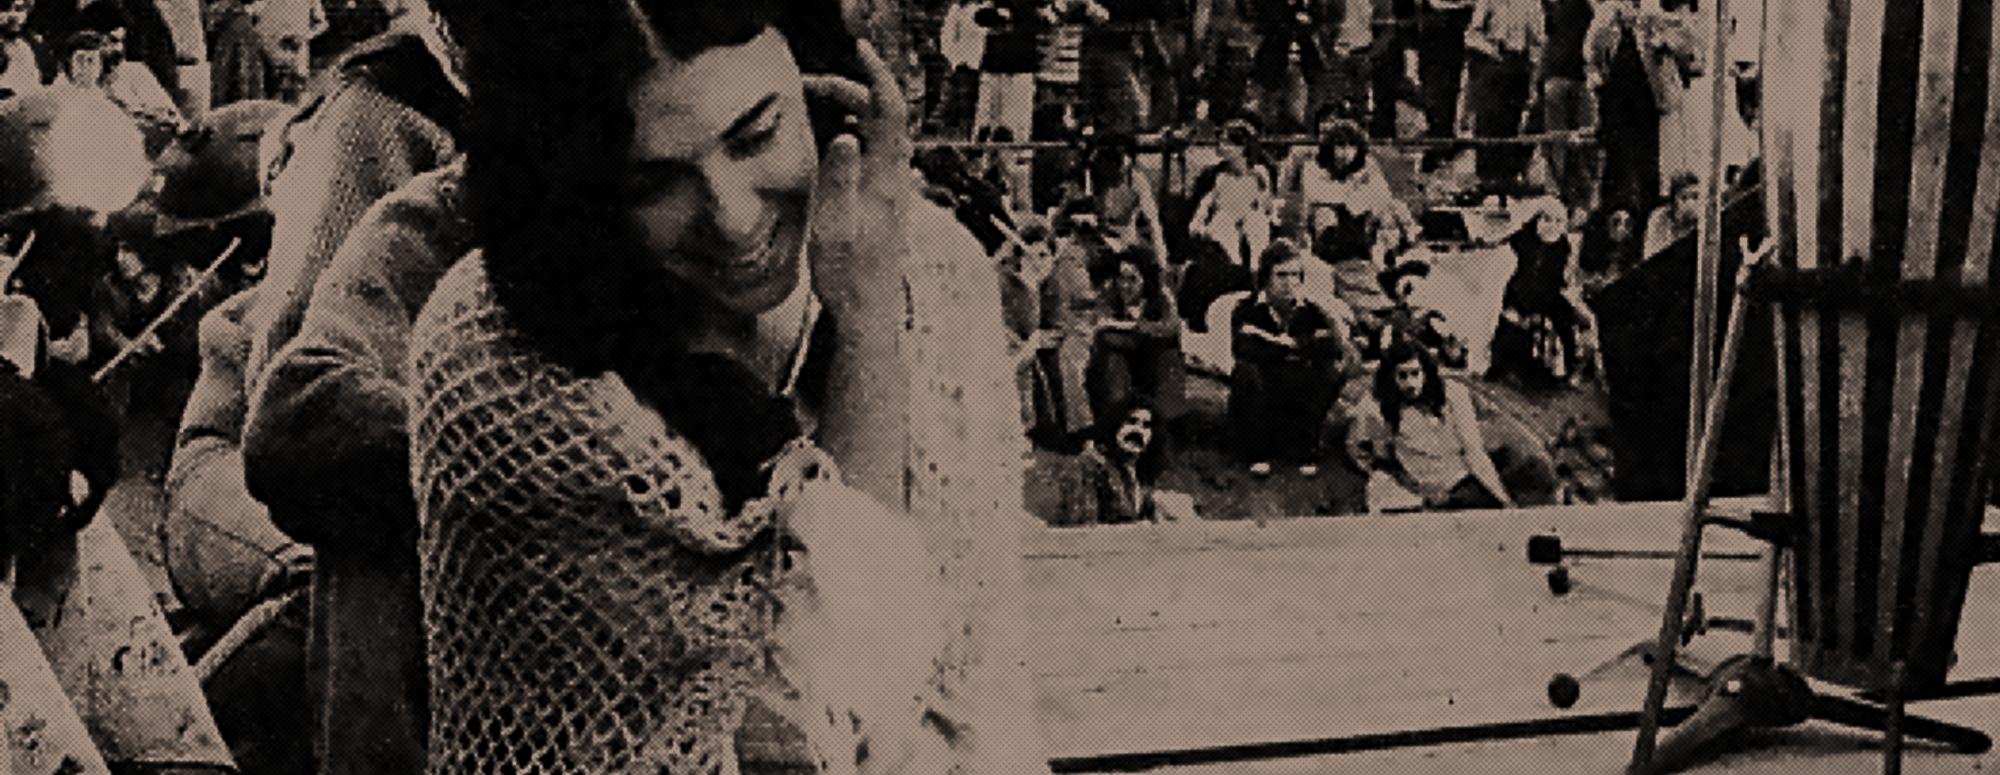 14/11/2011 ADA PARELLADA Y MARIA DEL MAR BONET EN EL RESTAURANTE SEMPRONIANA FOTO DE NURIA PUENTES